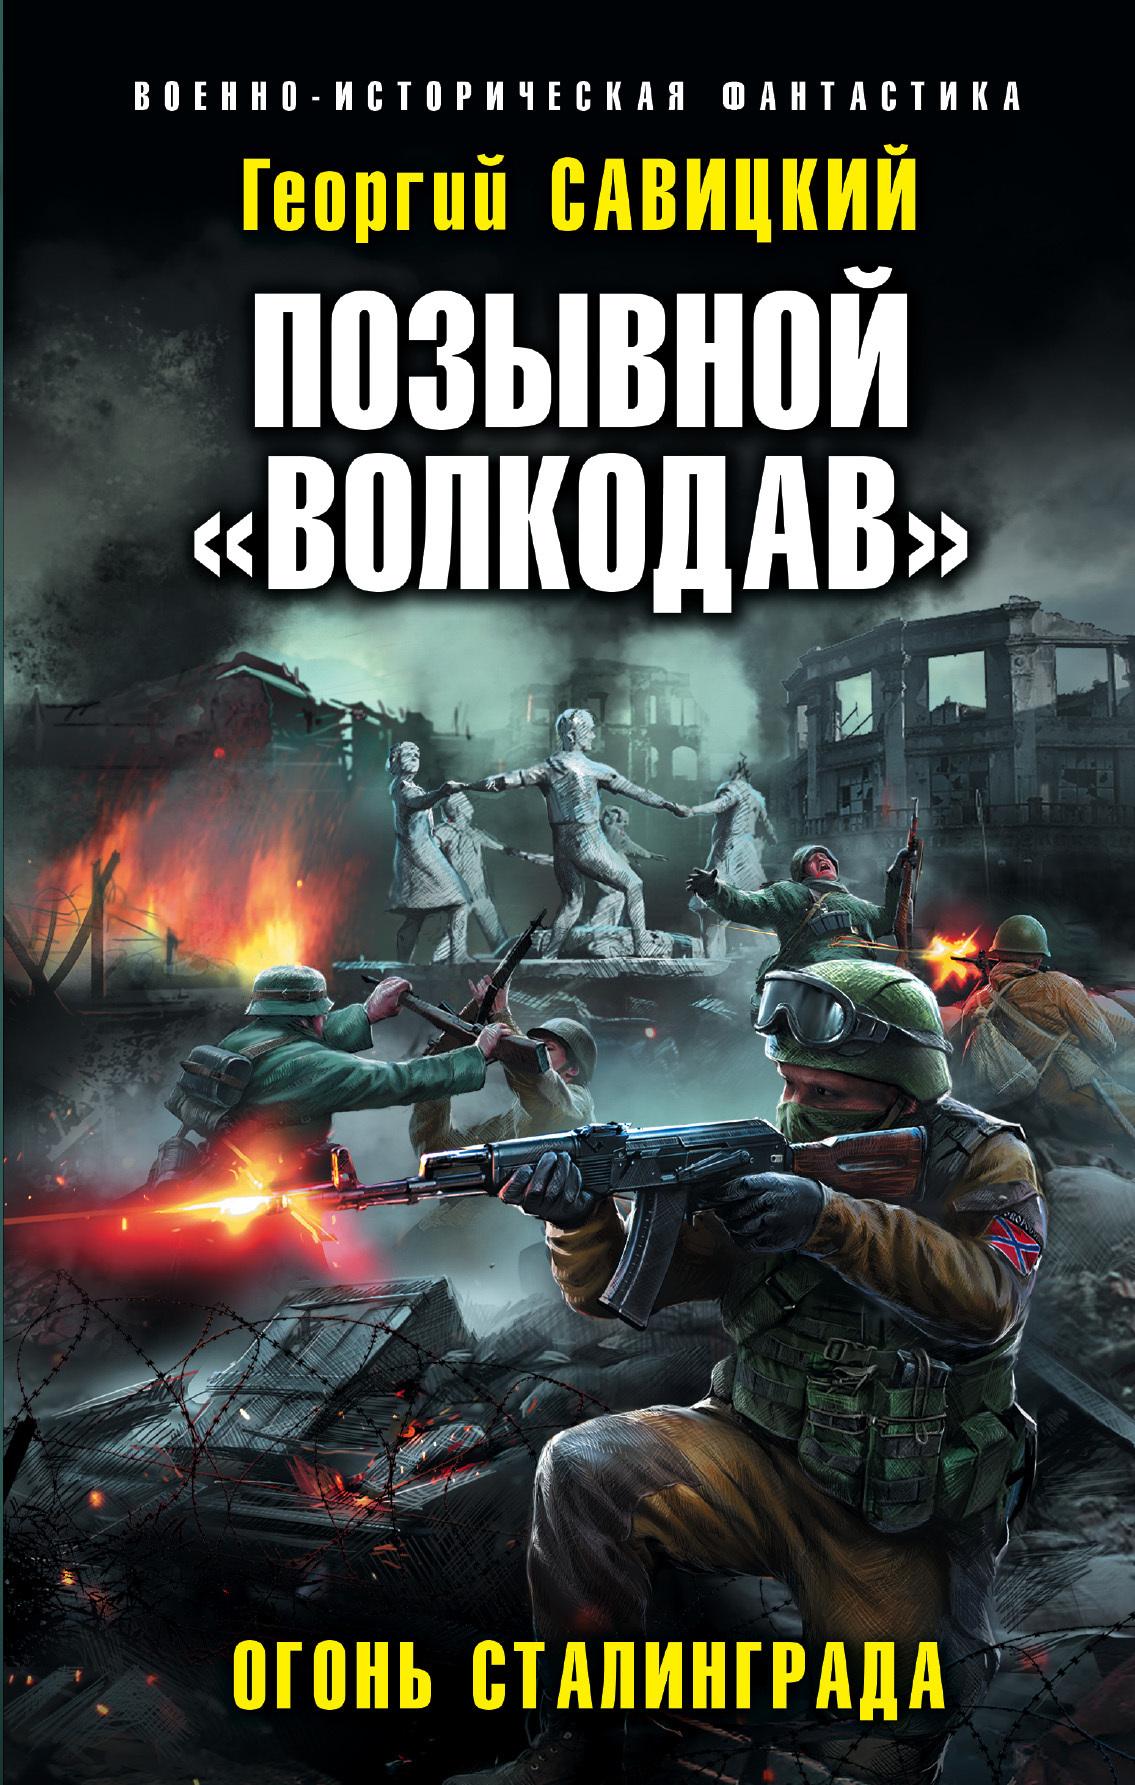 Георгий Савицкий - Позывной «Волкодав». Огонь Сталинграда